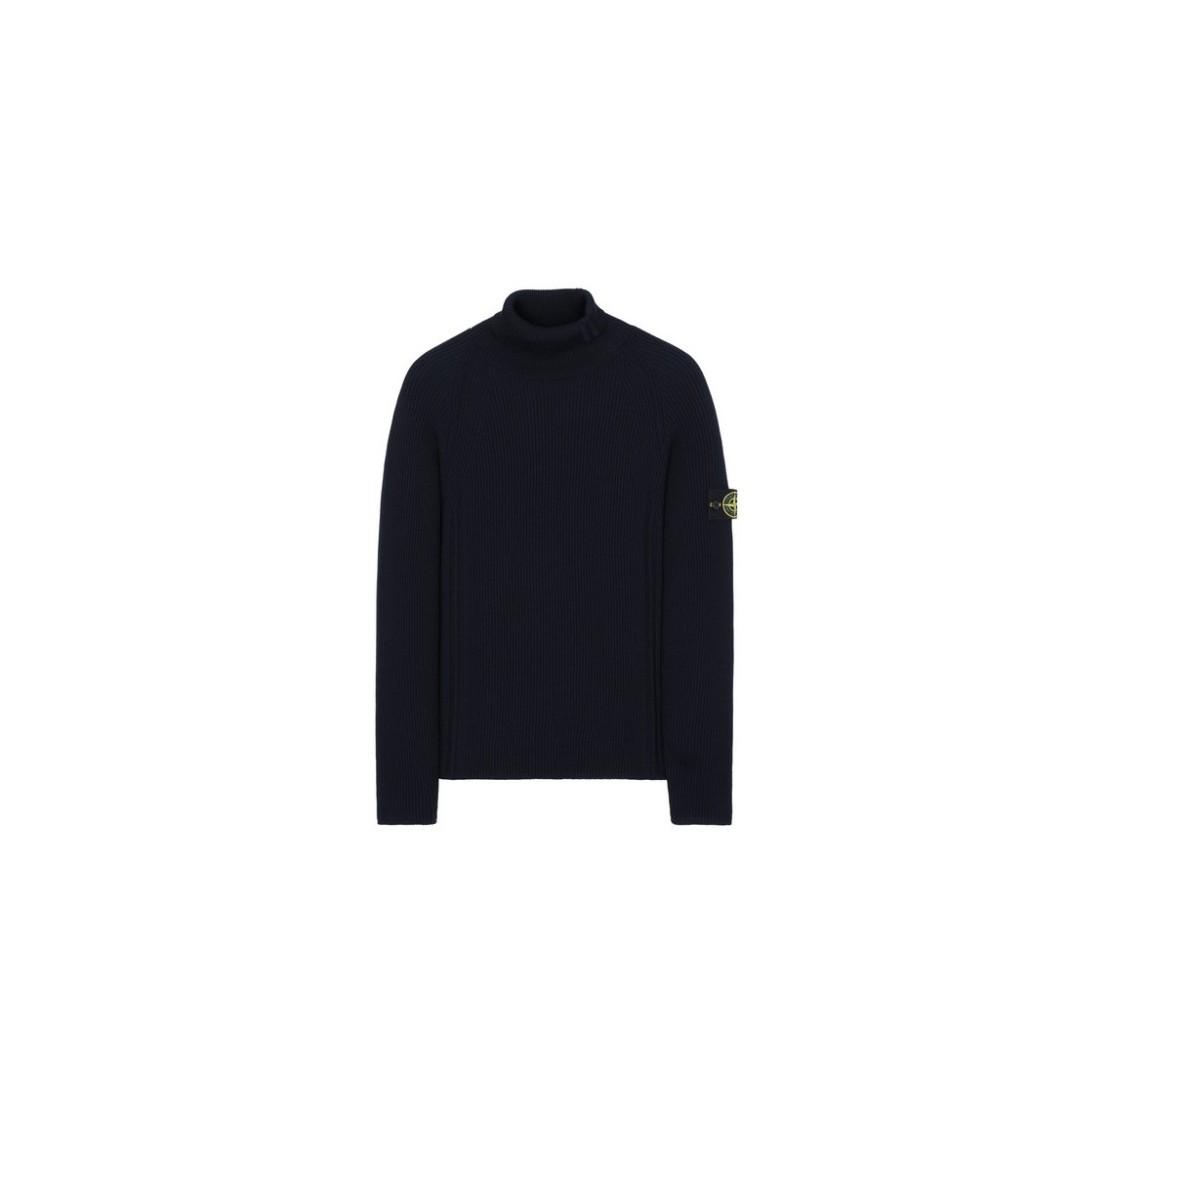 Maglia uomo - 542C2 maglia collo alto costina inglese